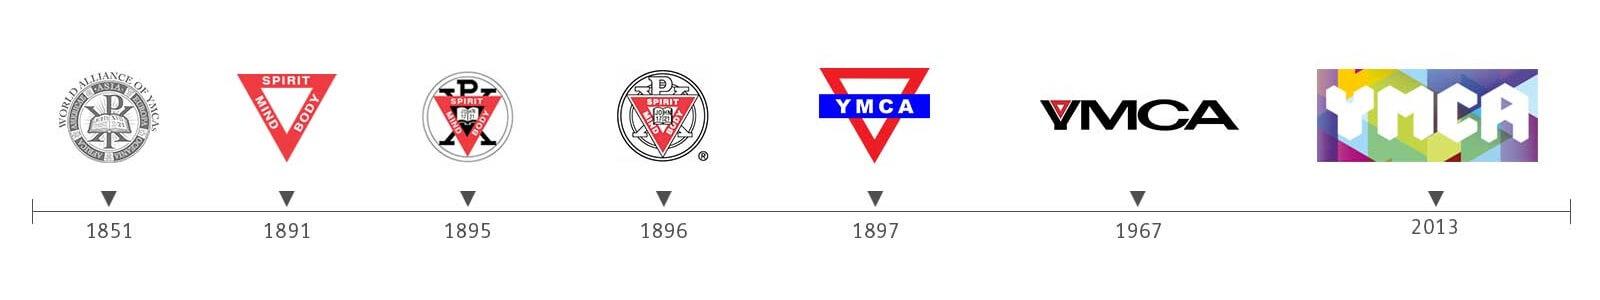 ymca-logos